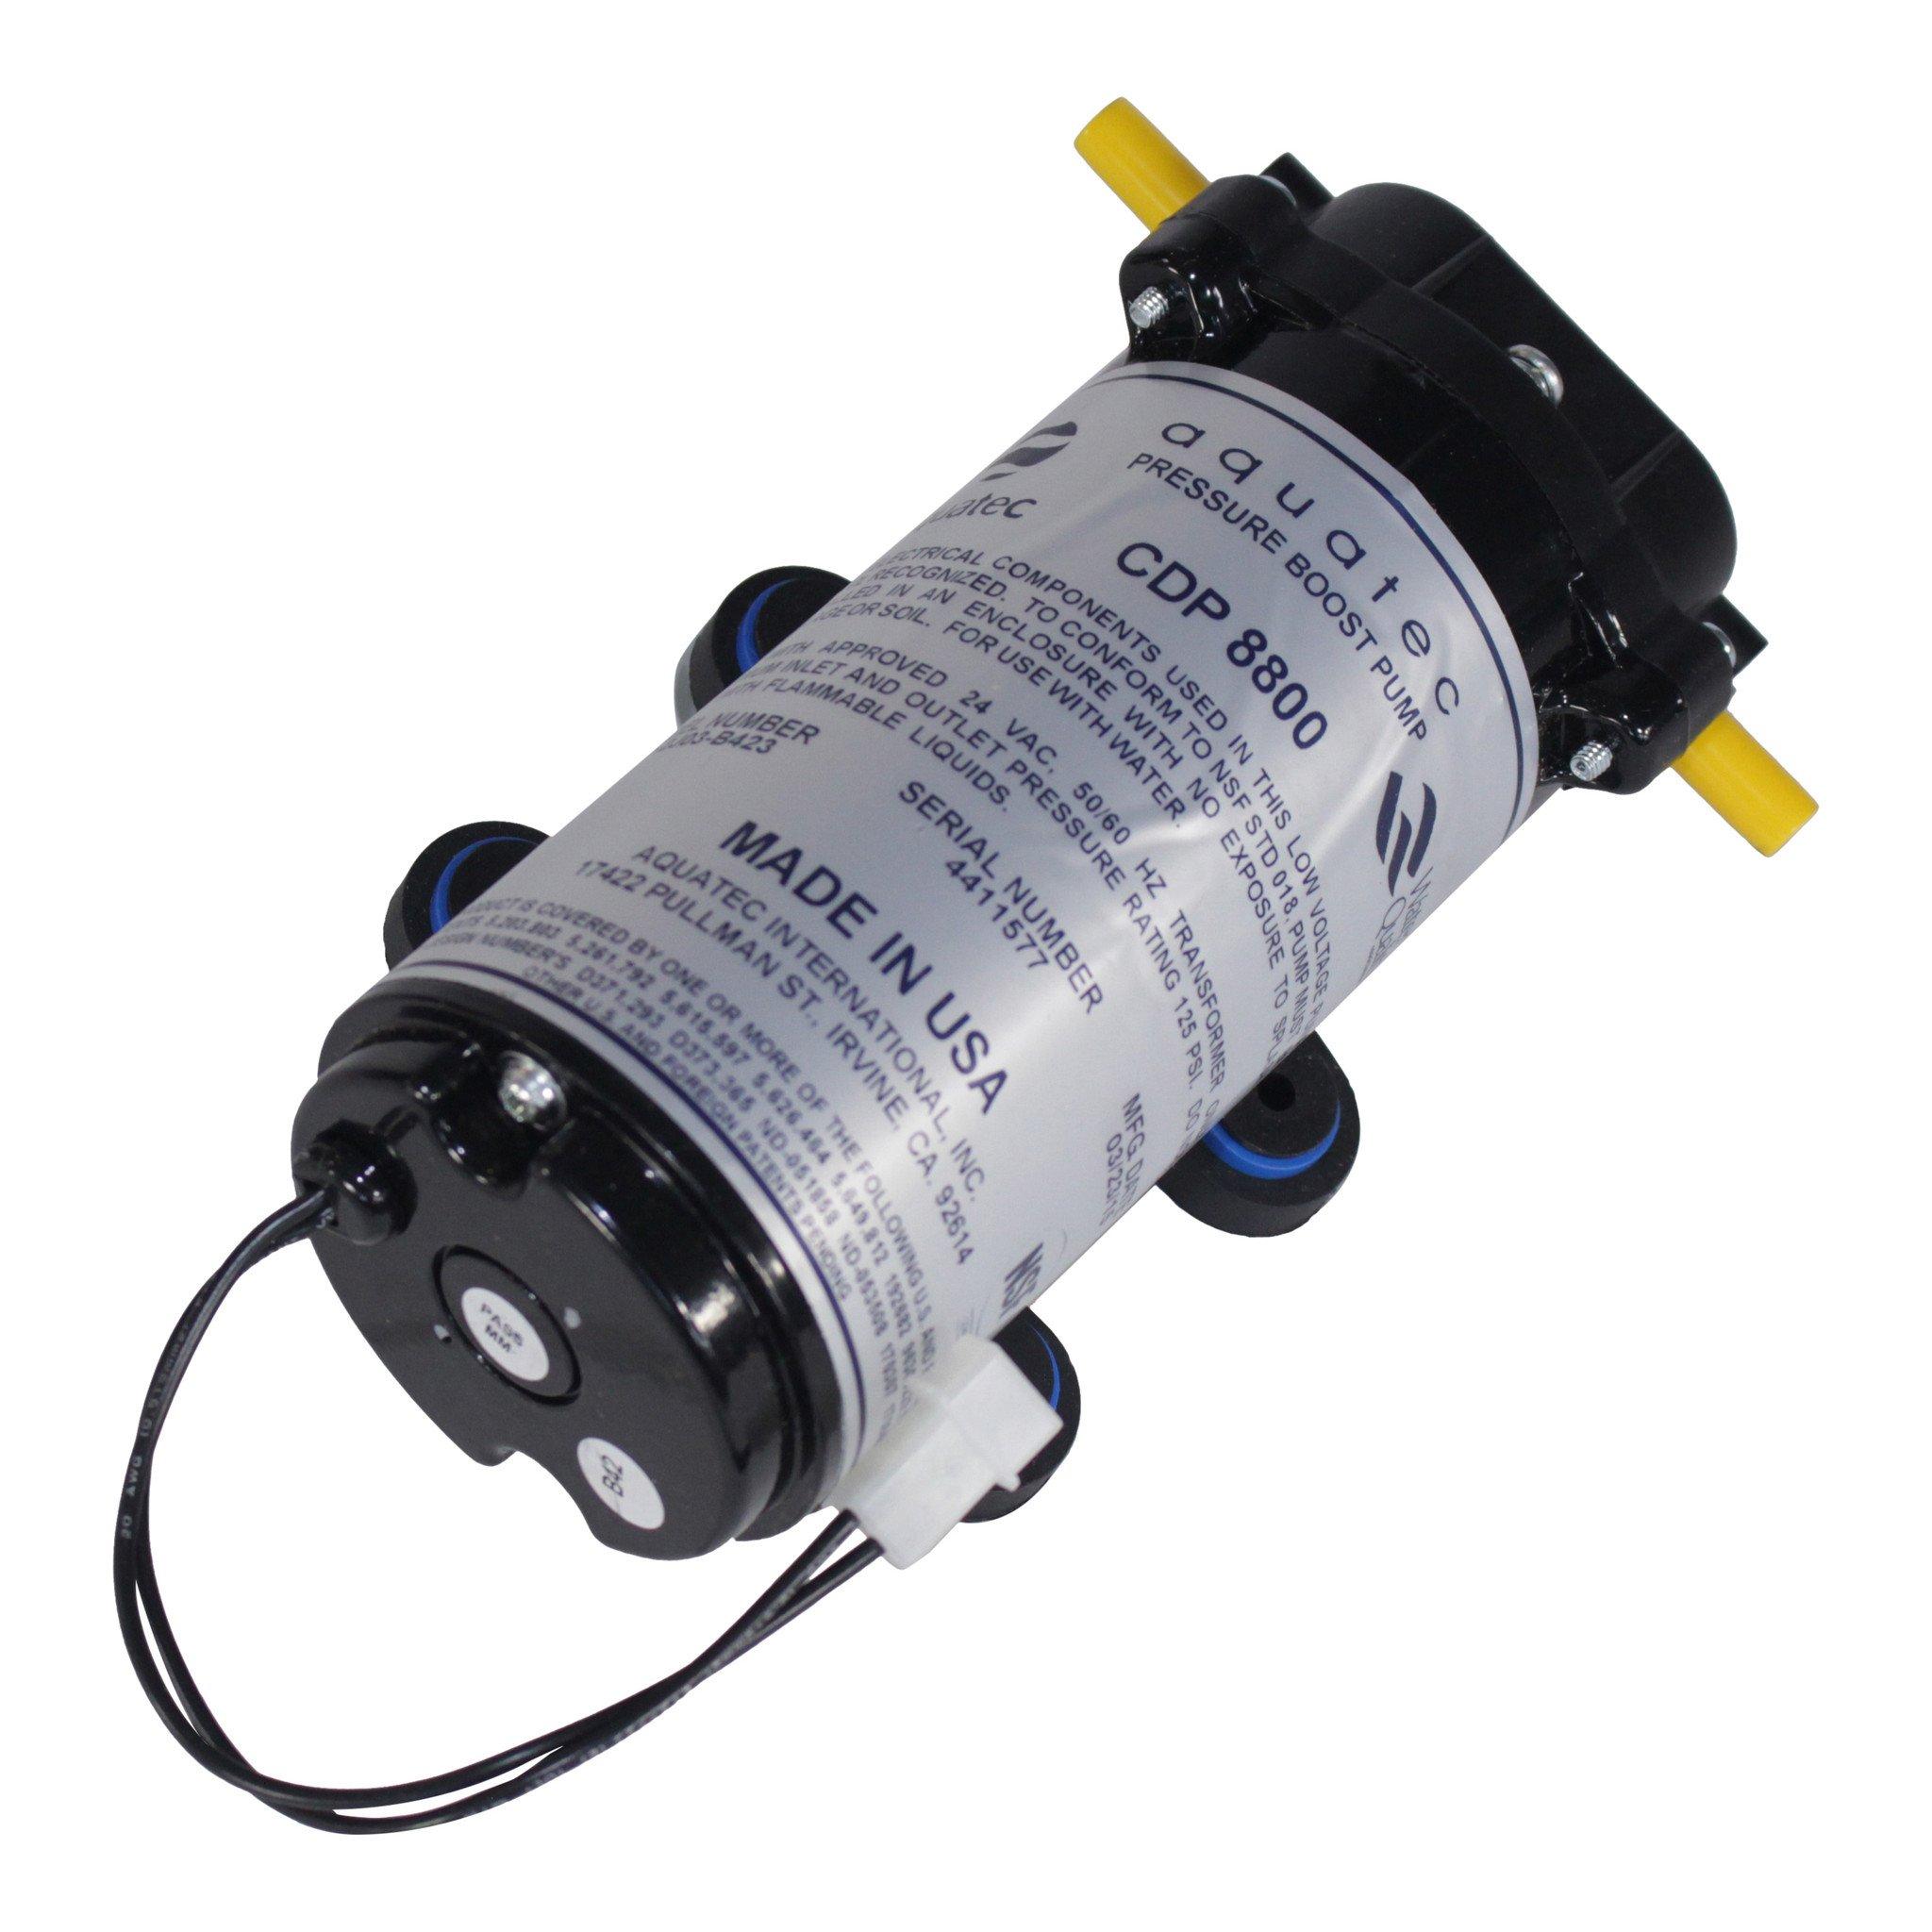 Aquatec® Booster & Delivery Pumps - 8800 High Flow